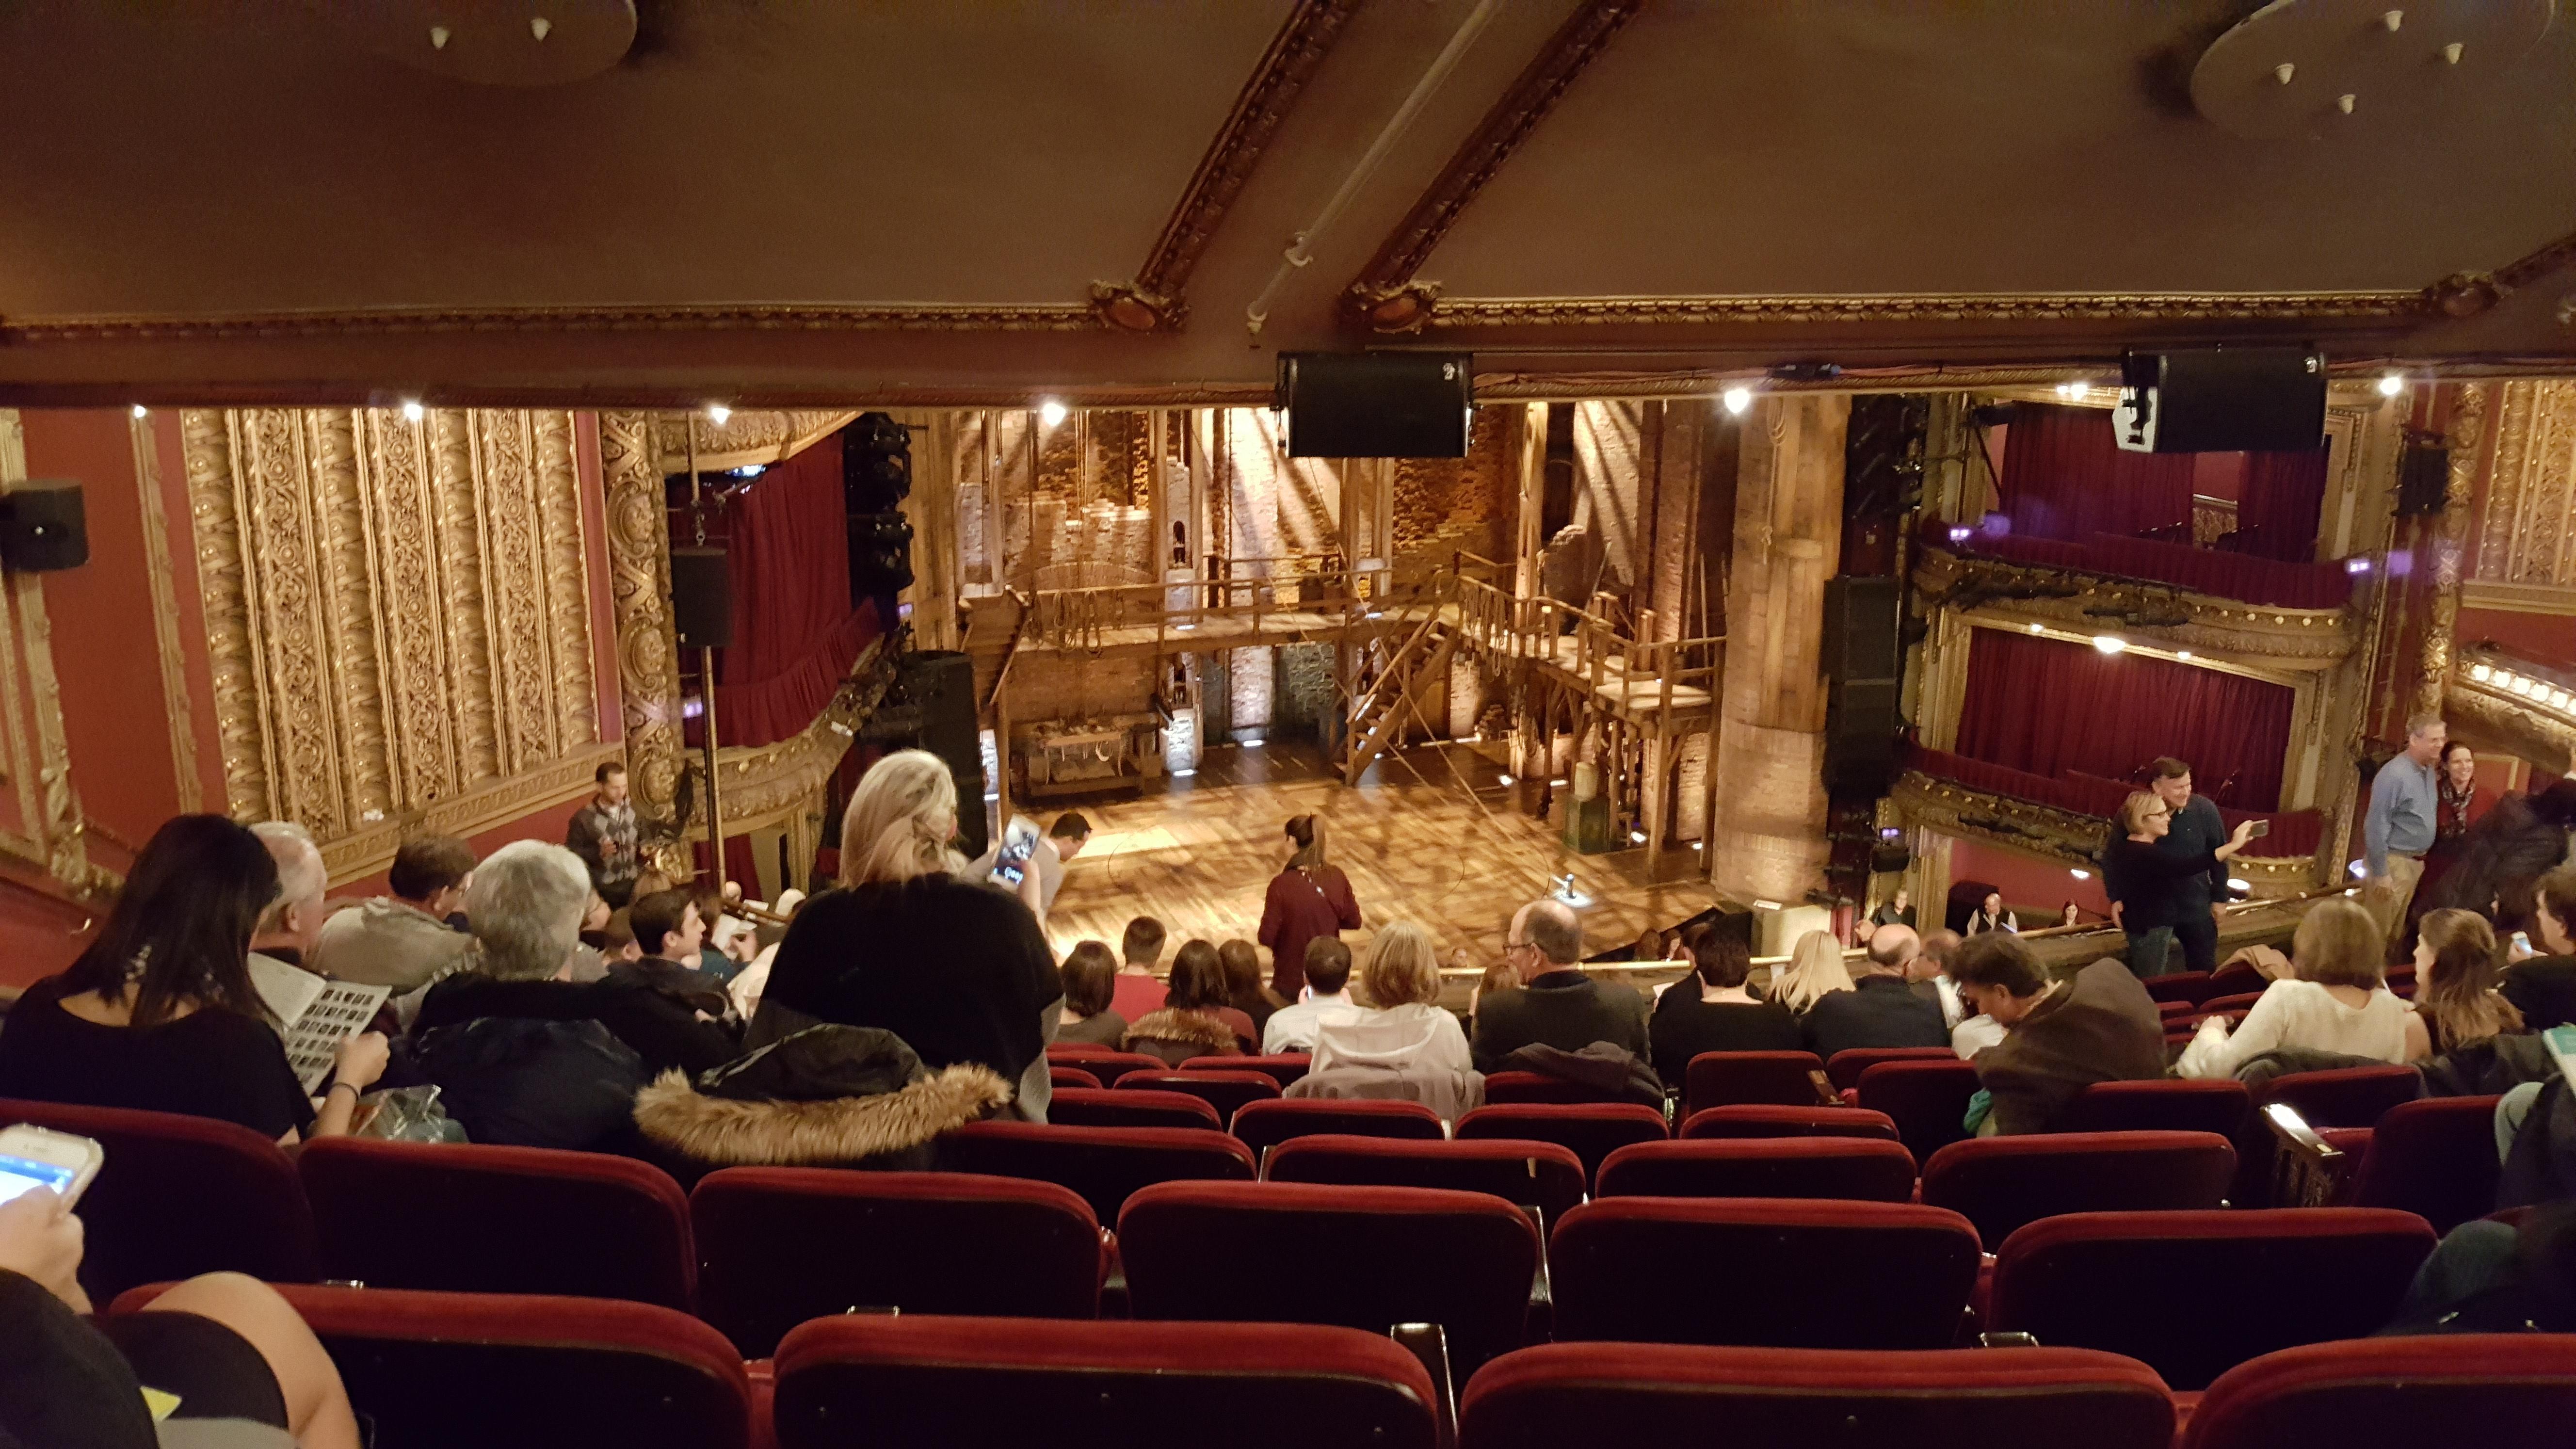 CIBC Theatre Section Mezzanine L Row M Seat 11